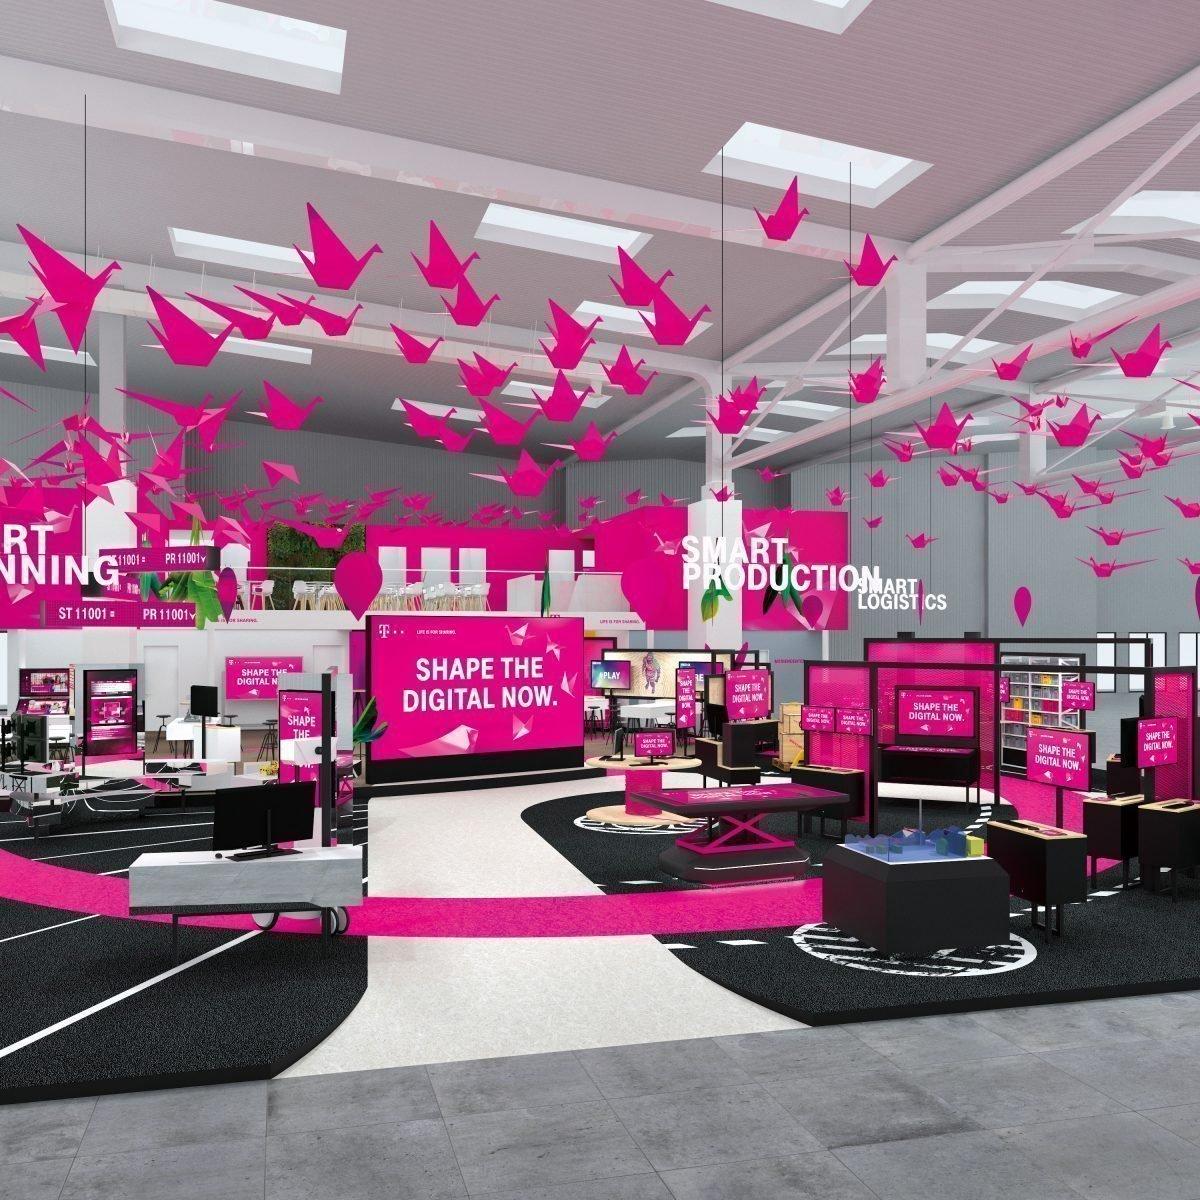 Hannover Messe5G, Narrowband IoT und neue Geschäftsmodelle sind die Telekom-Themen in Hannover